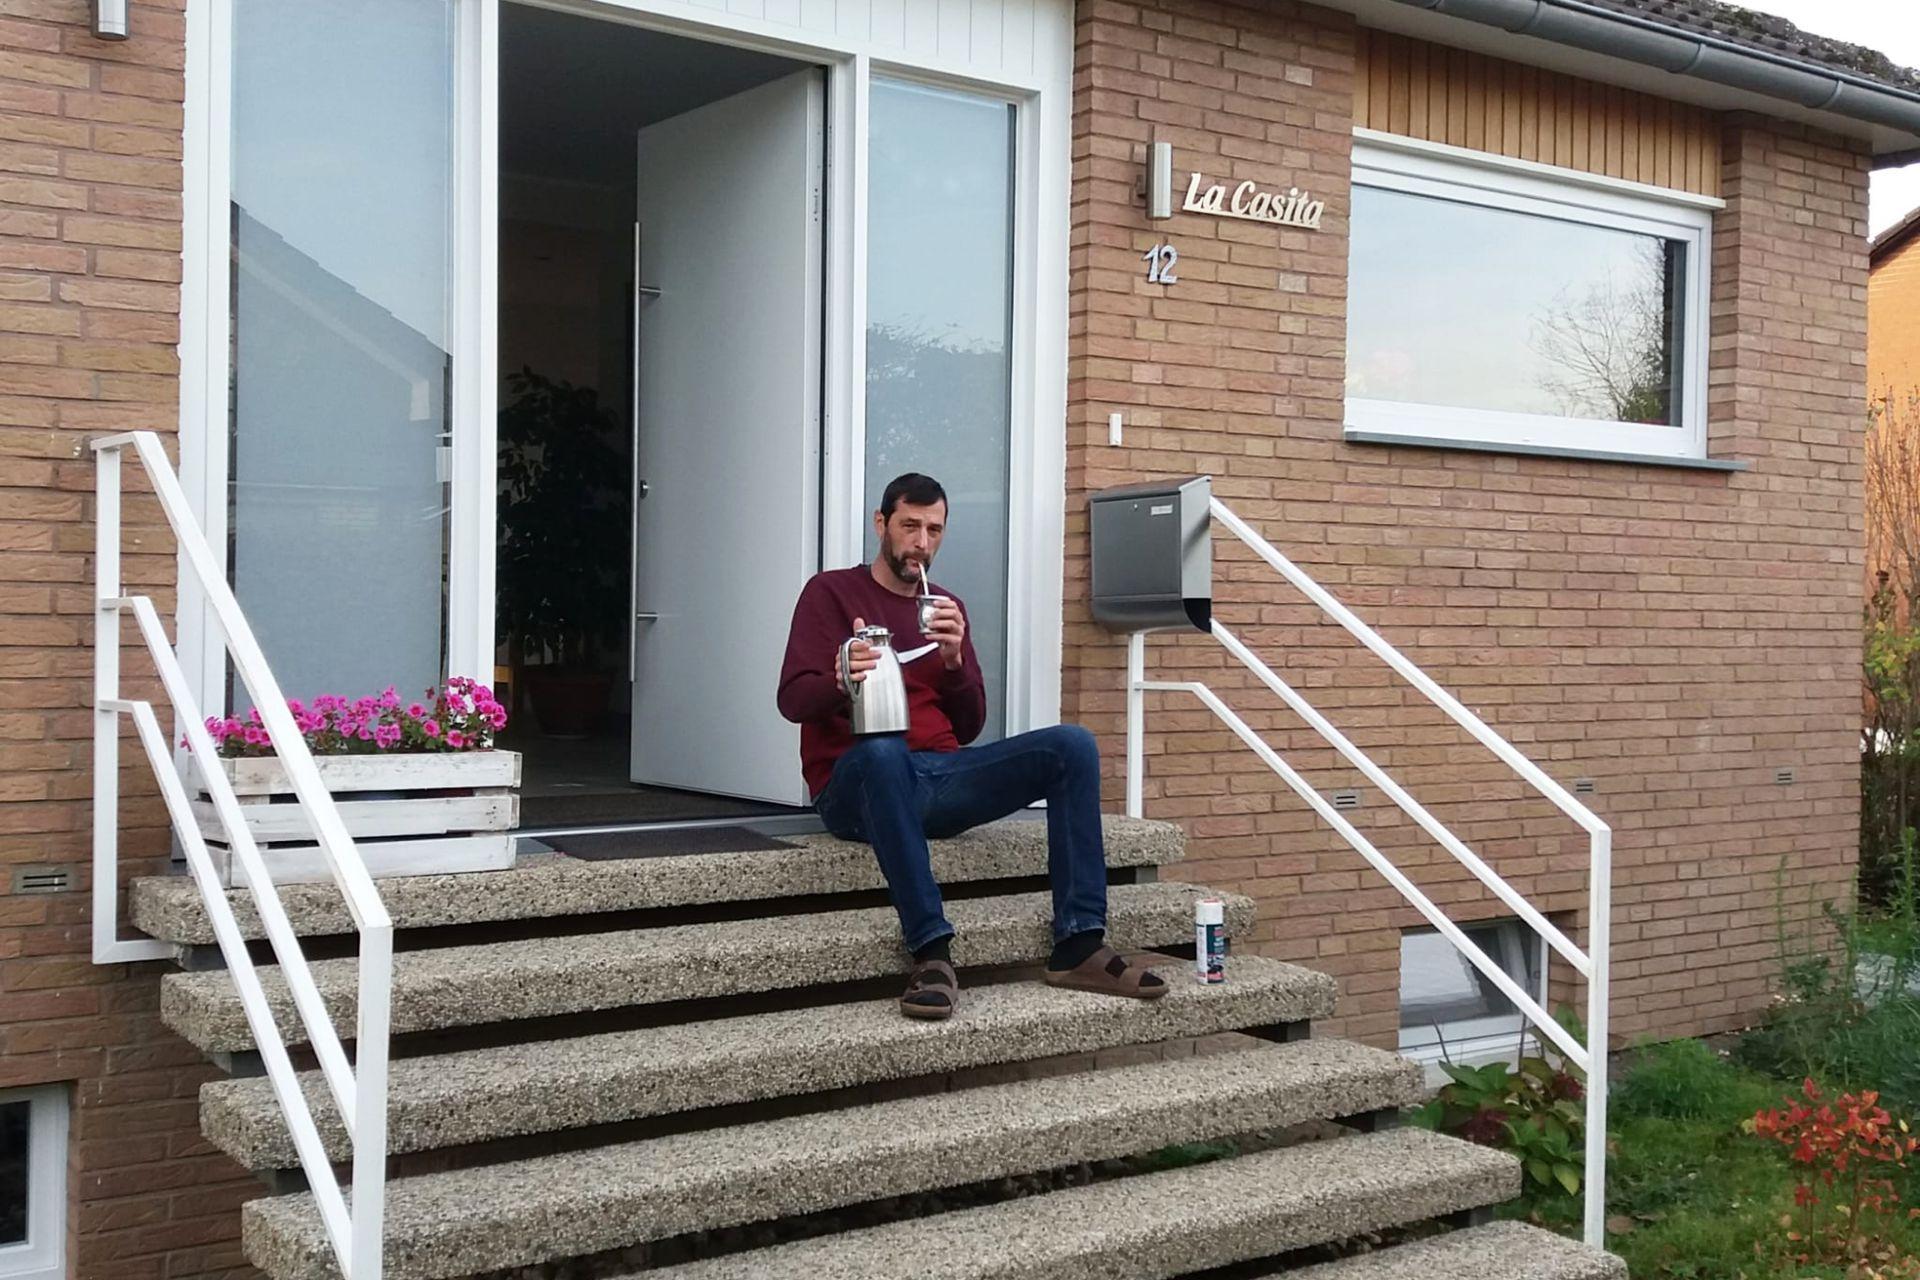 Denis, en su hogar en Senden, Alemania.